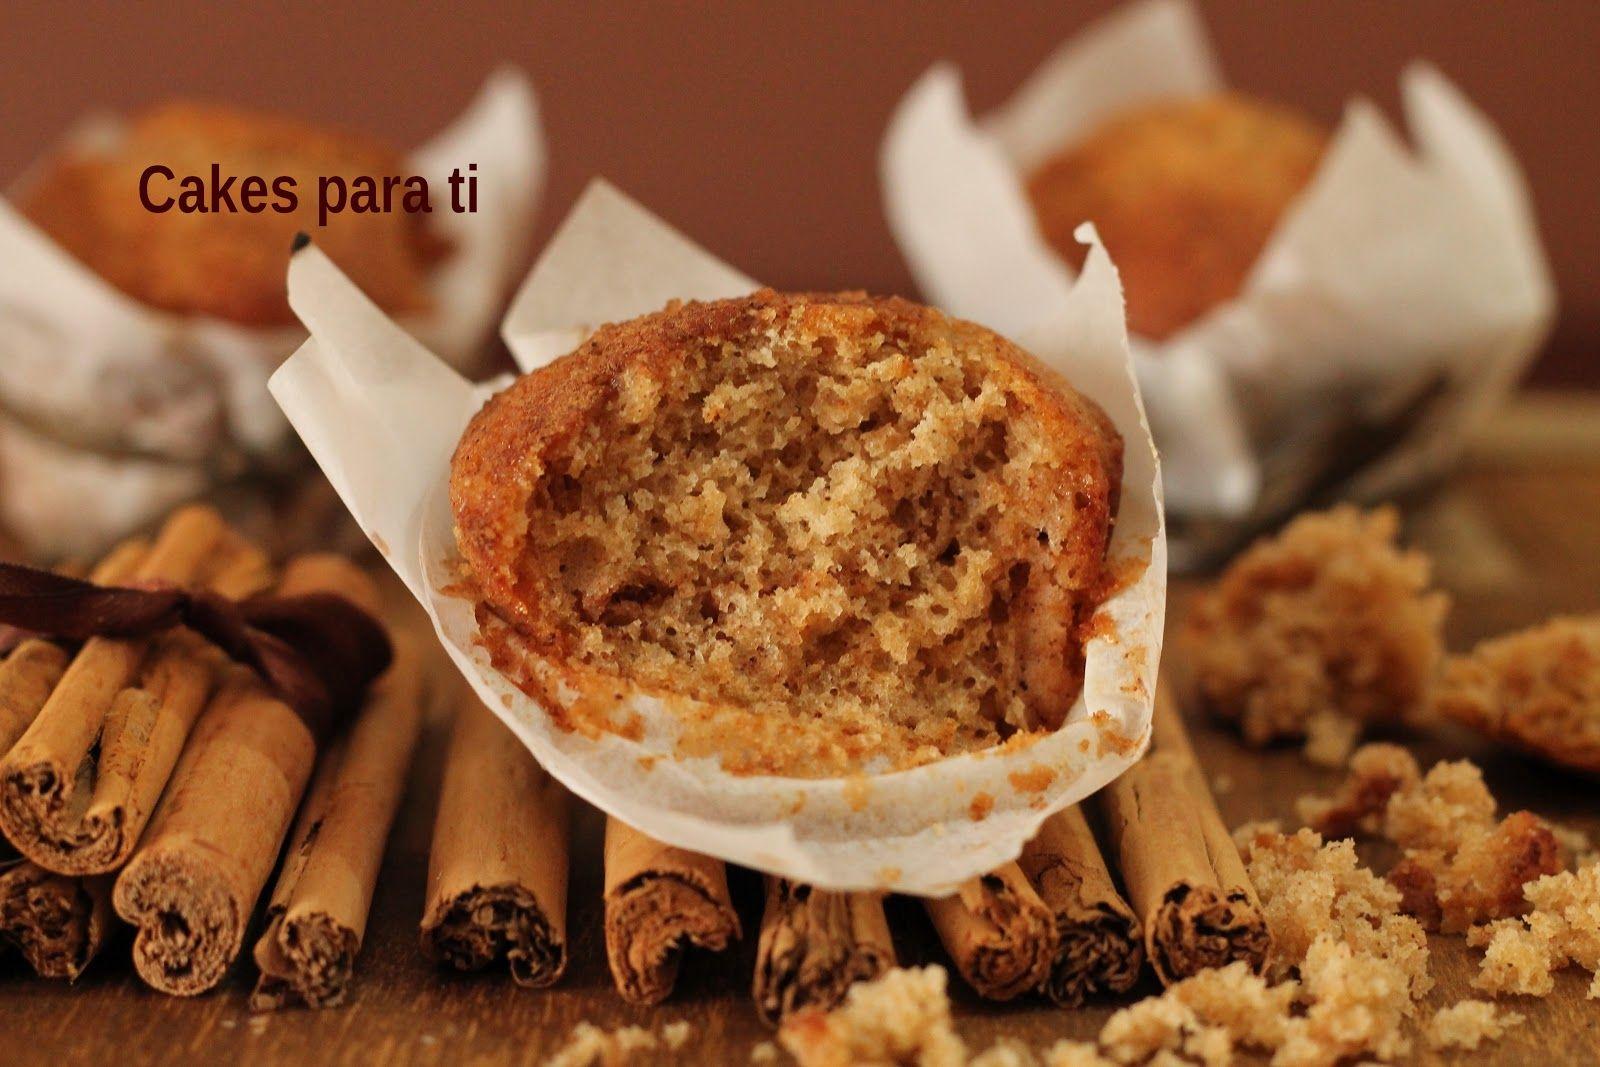 CAKES para ti: MUFFINS DE MIEL Y CANELA